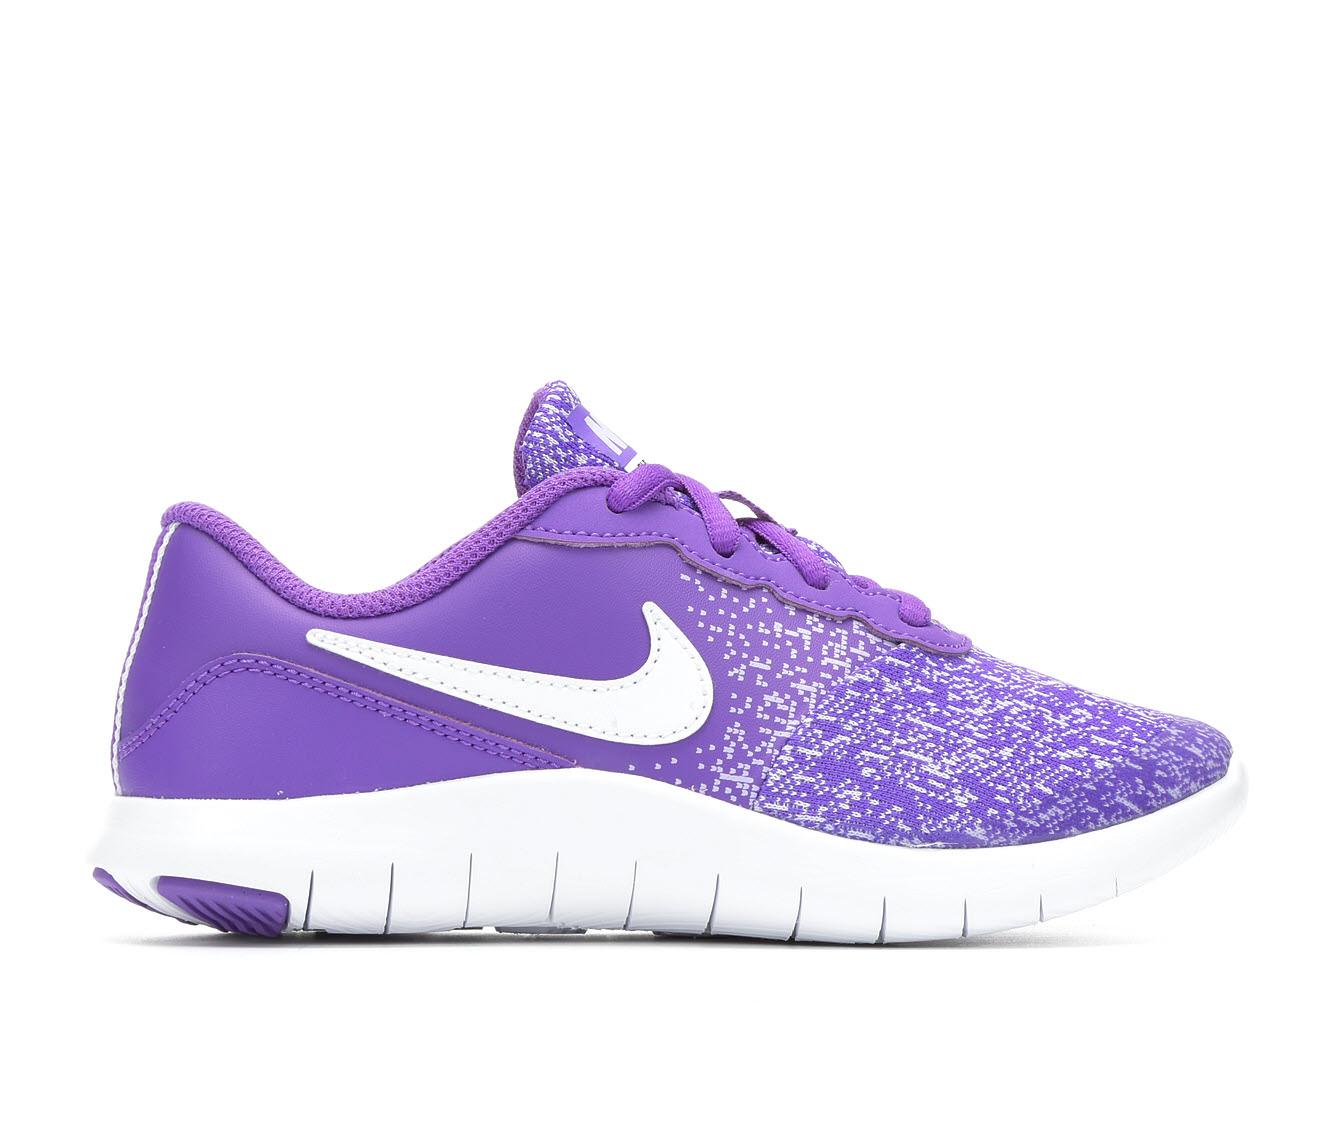 Girls' Nike Flex Contact Running Shoes (Purple)